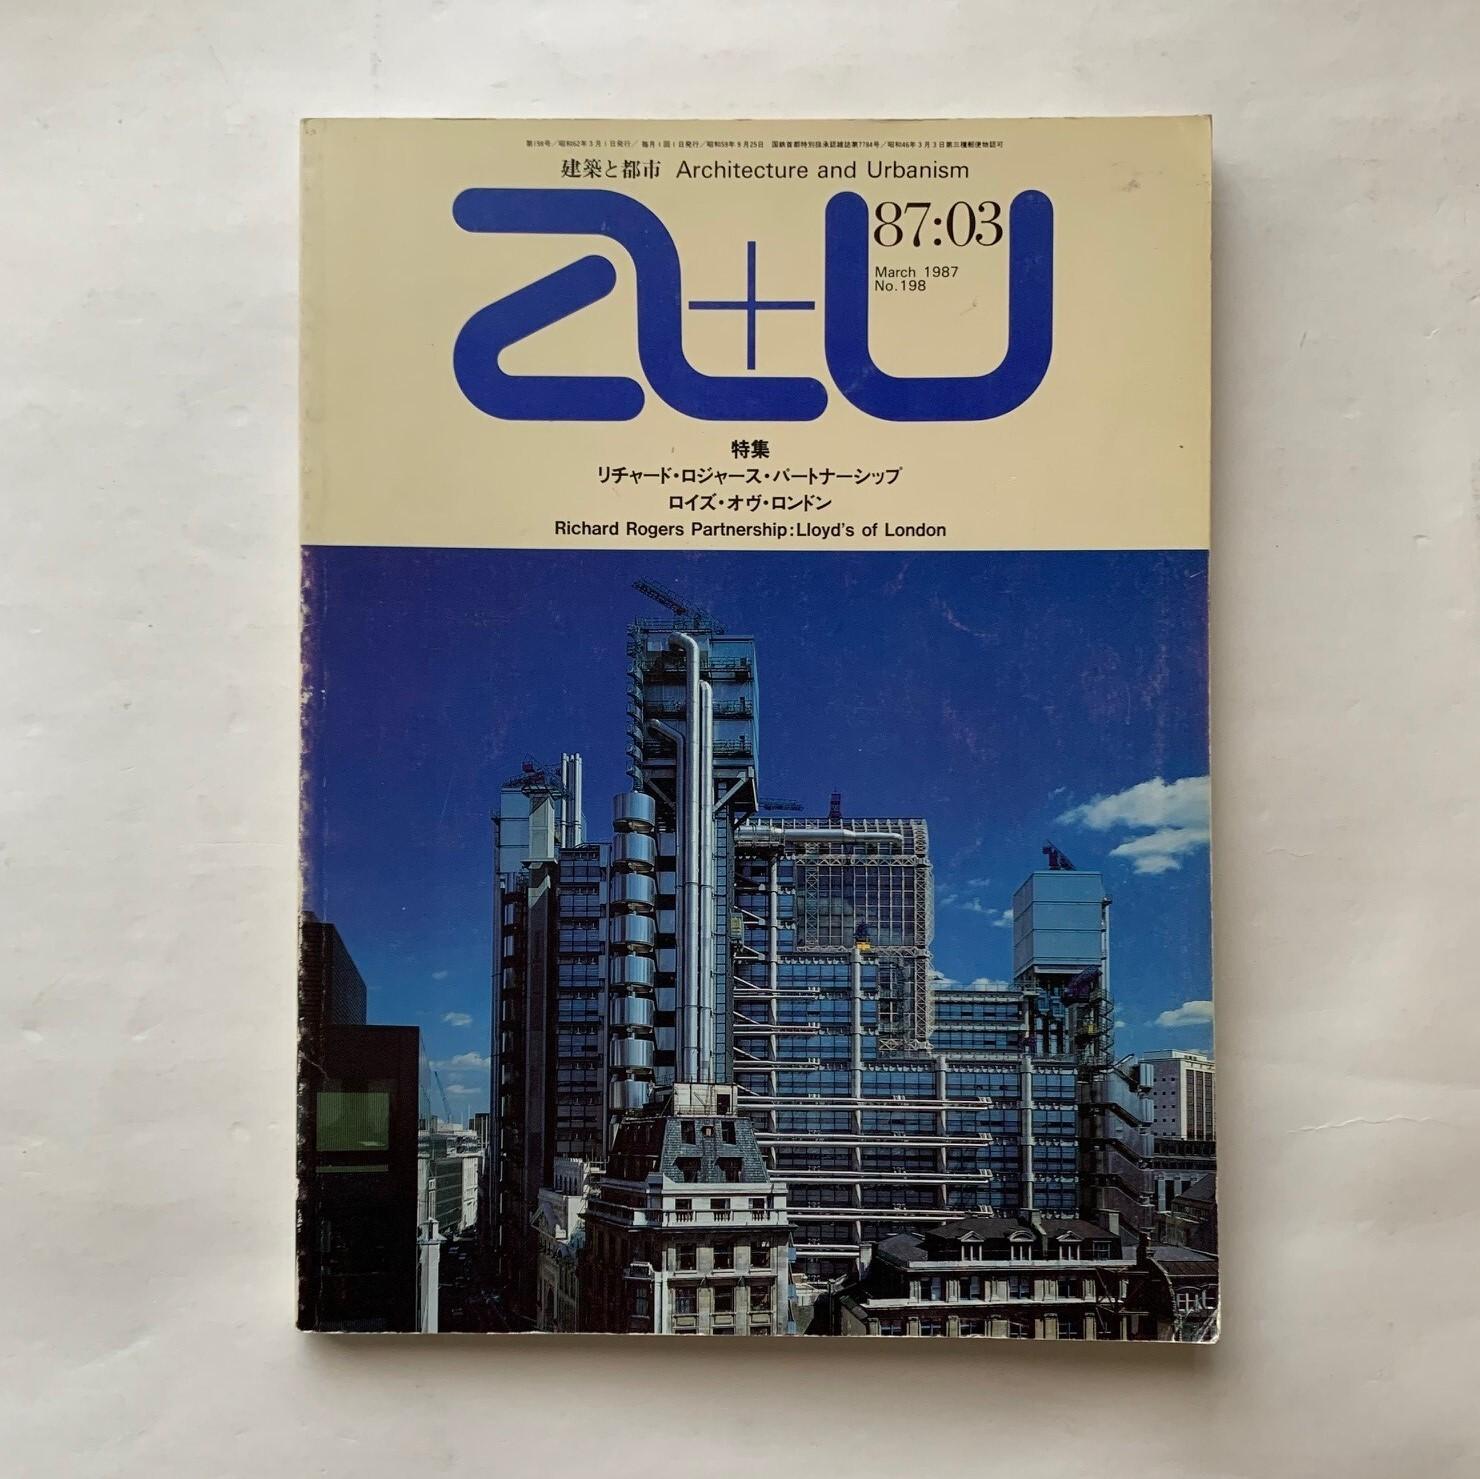 リチャード・ロジャース・パートナーシップ / ロイズ・オヴ・ロンドン / 建築と都市